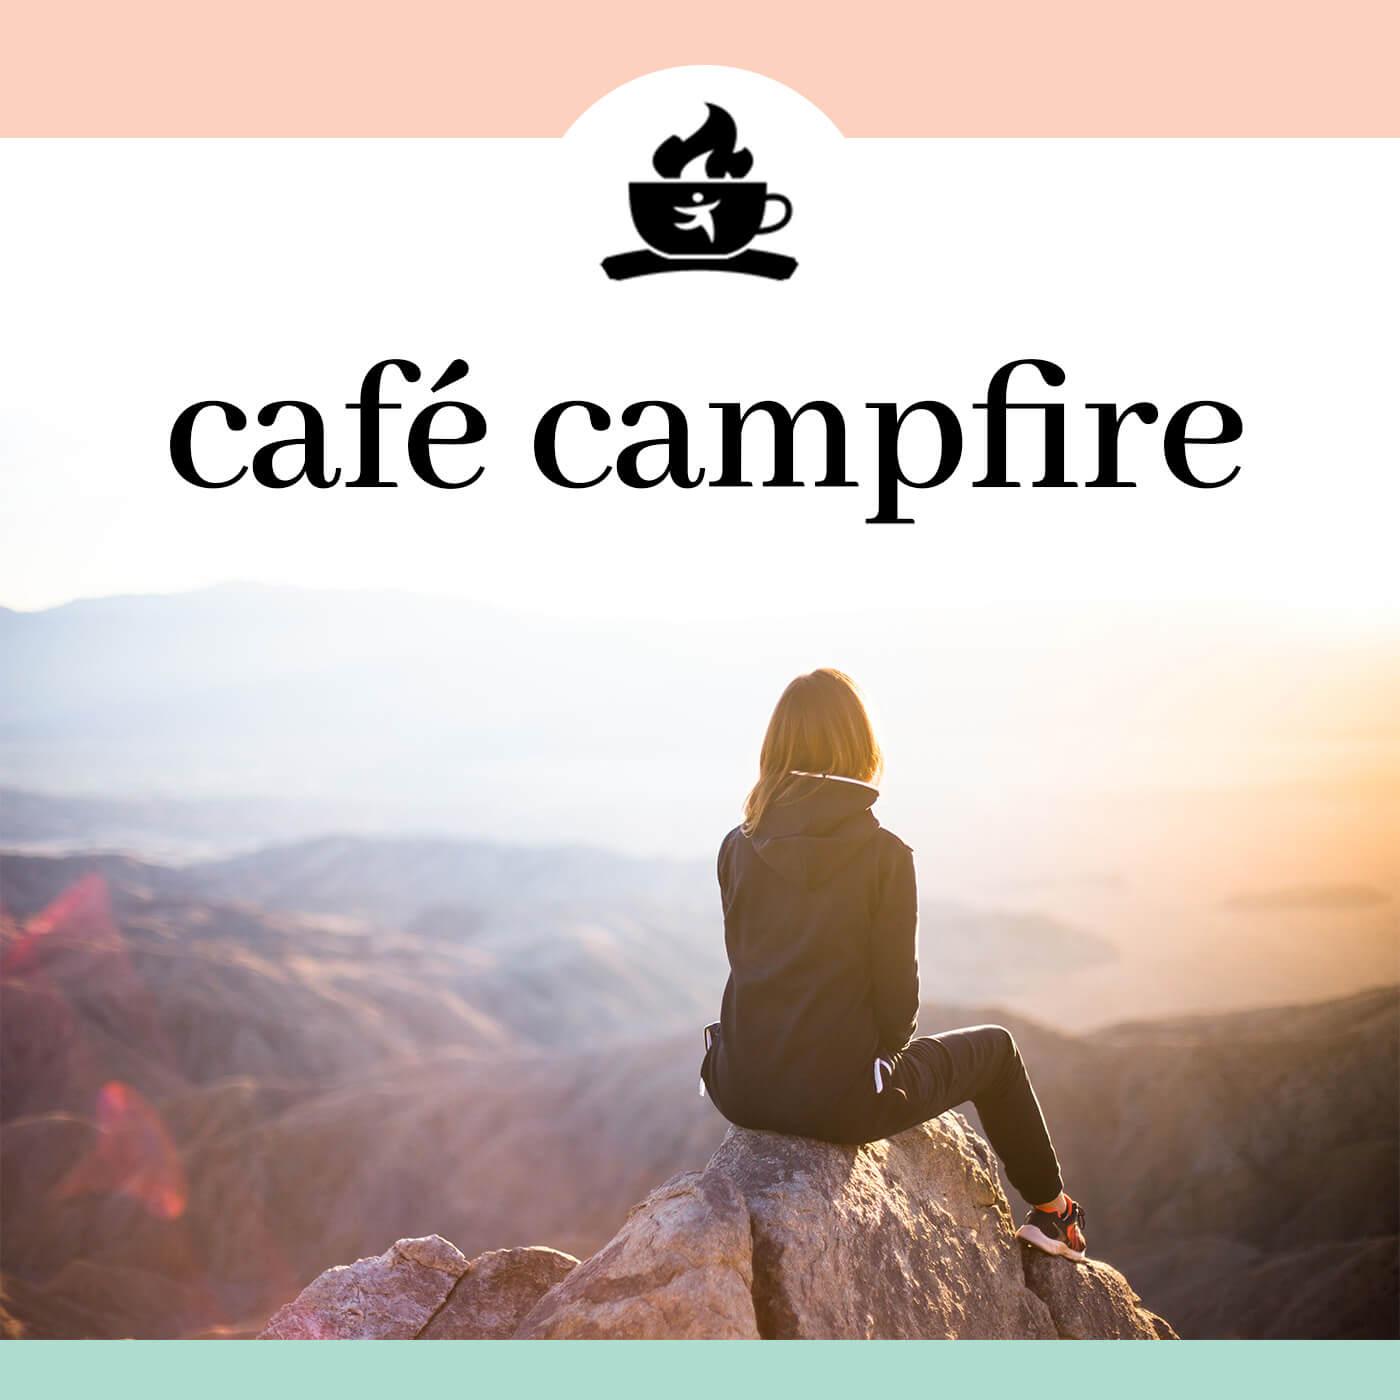 café campfire